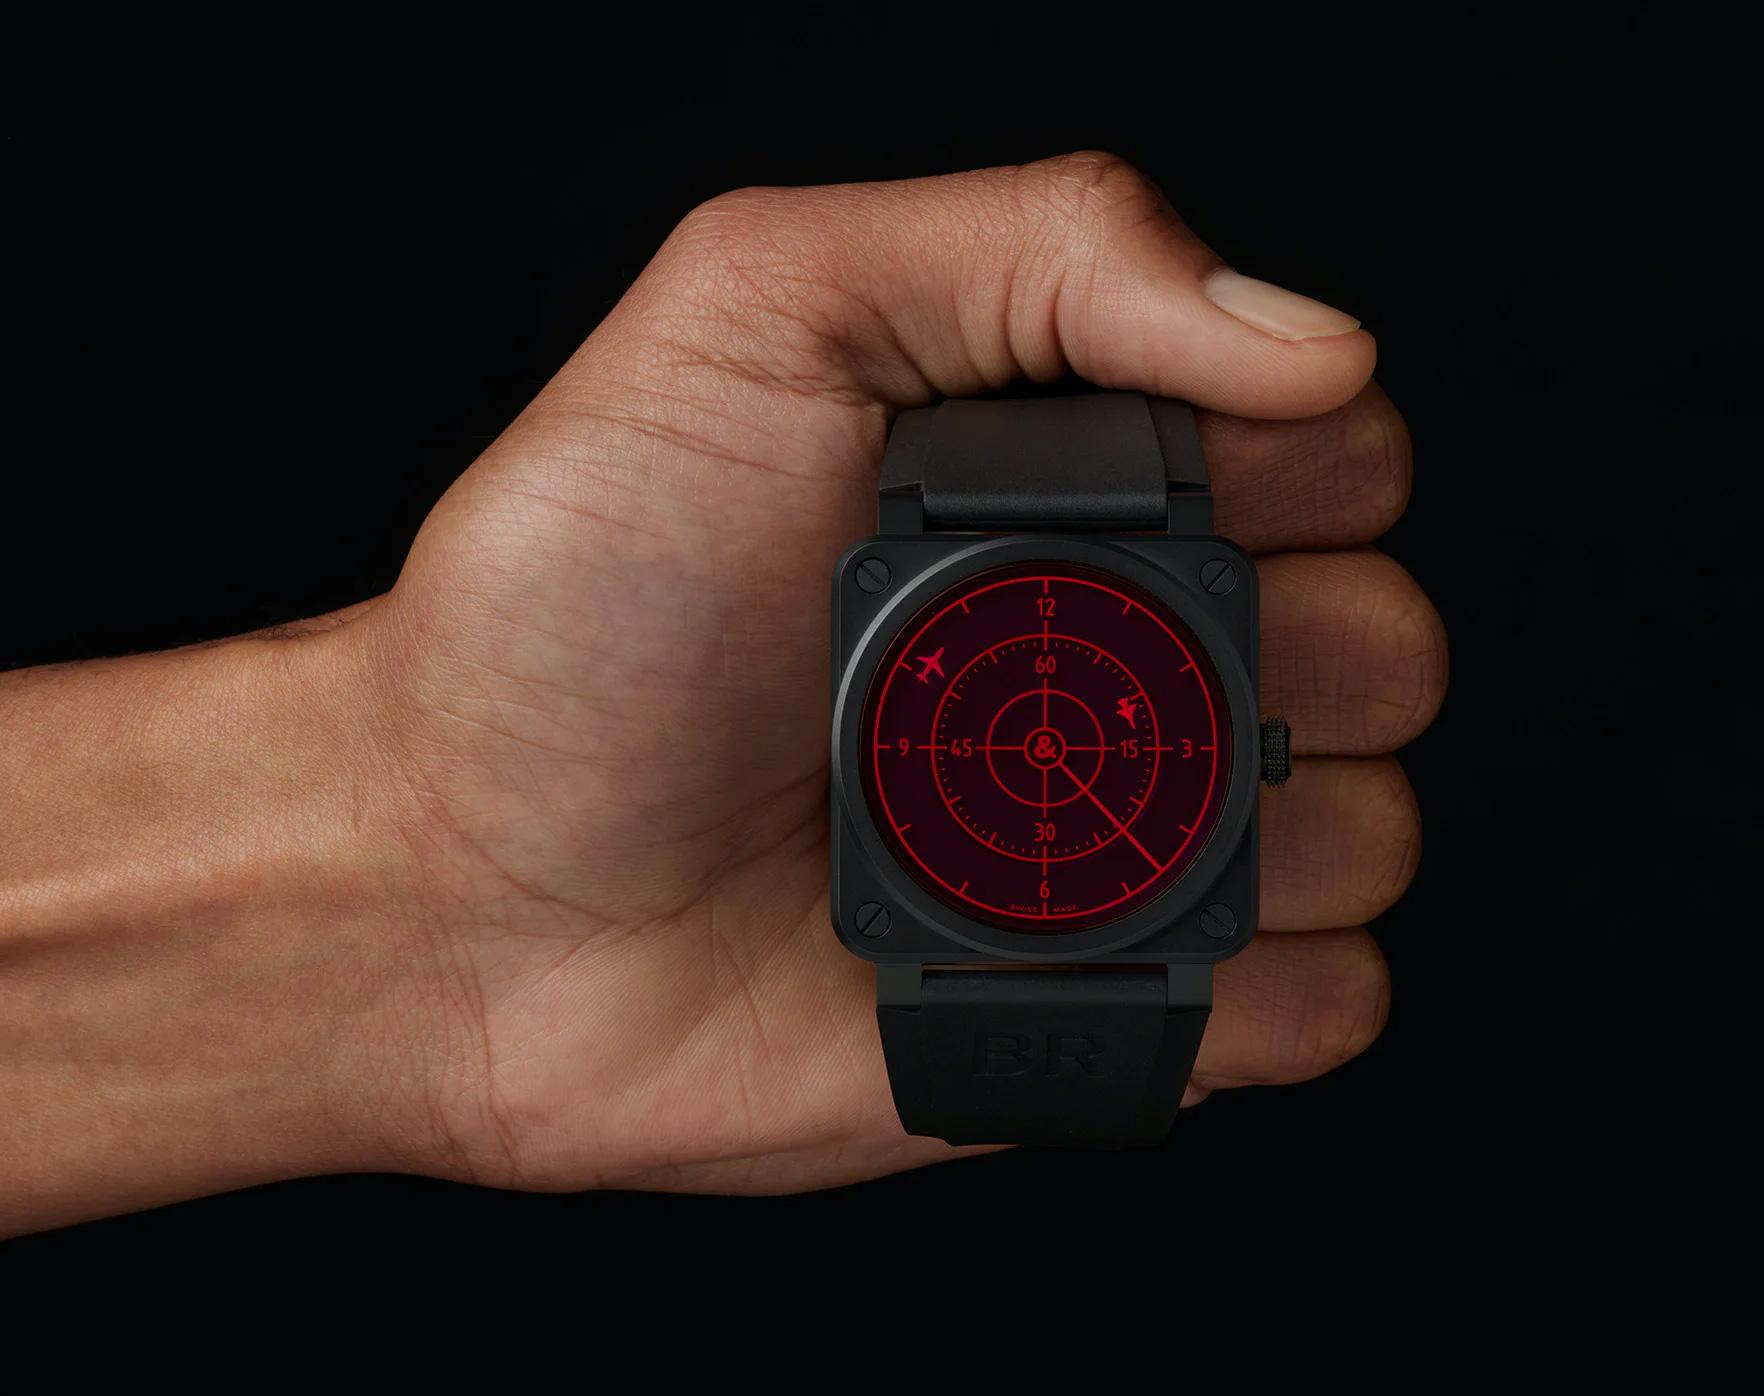 Bell & Ross Put Radar On Your Wrist at werd.com